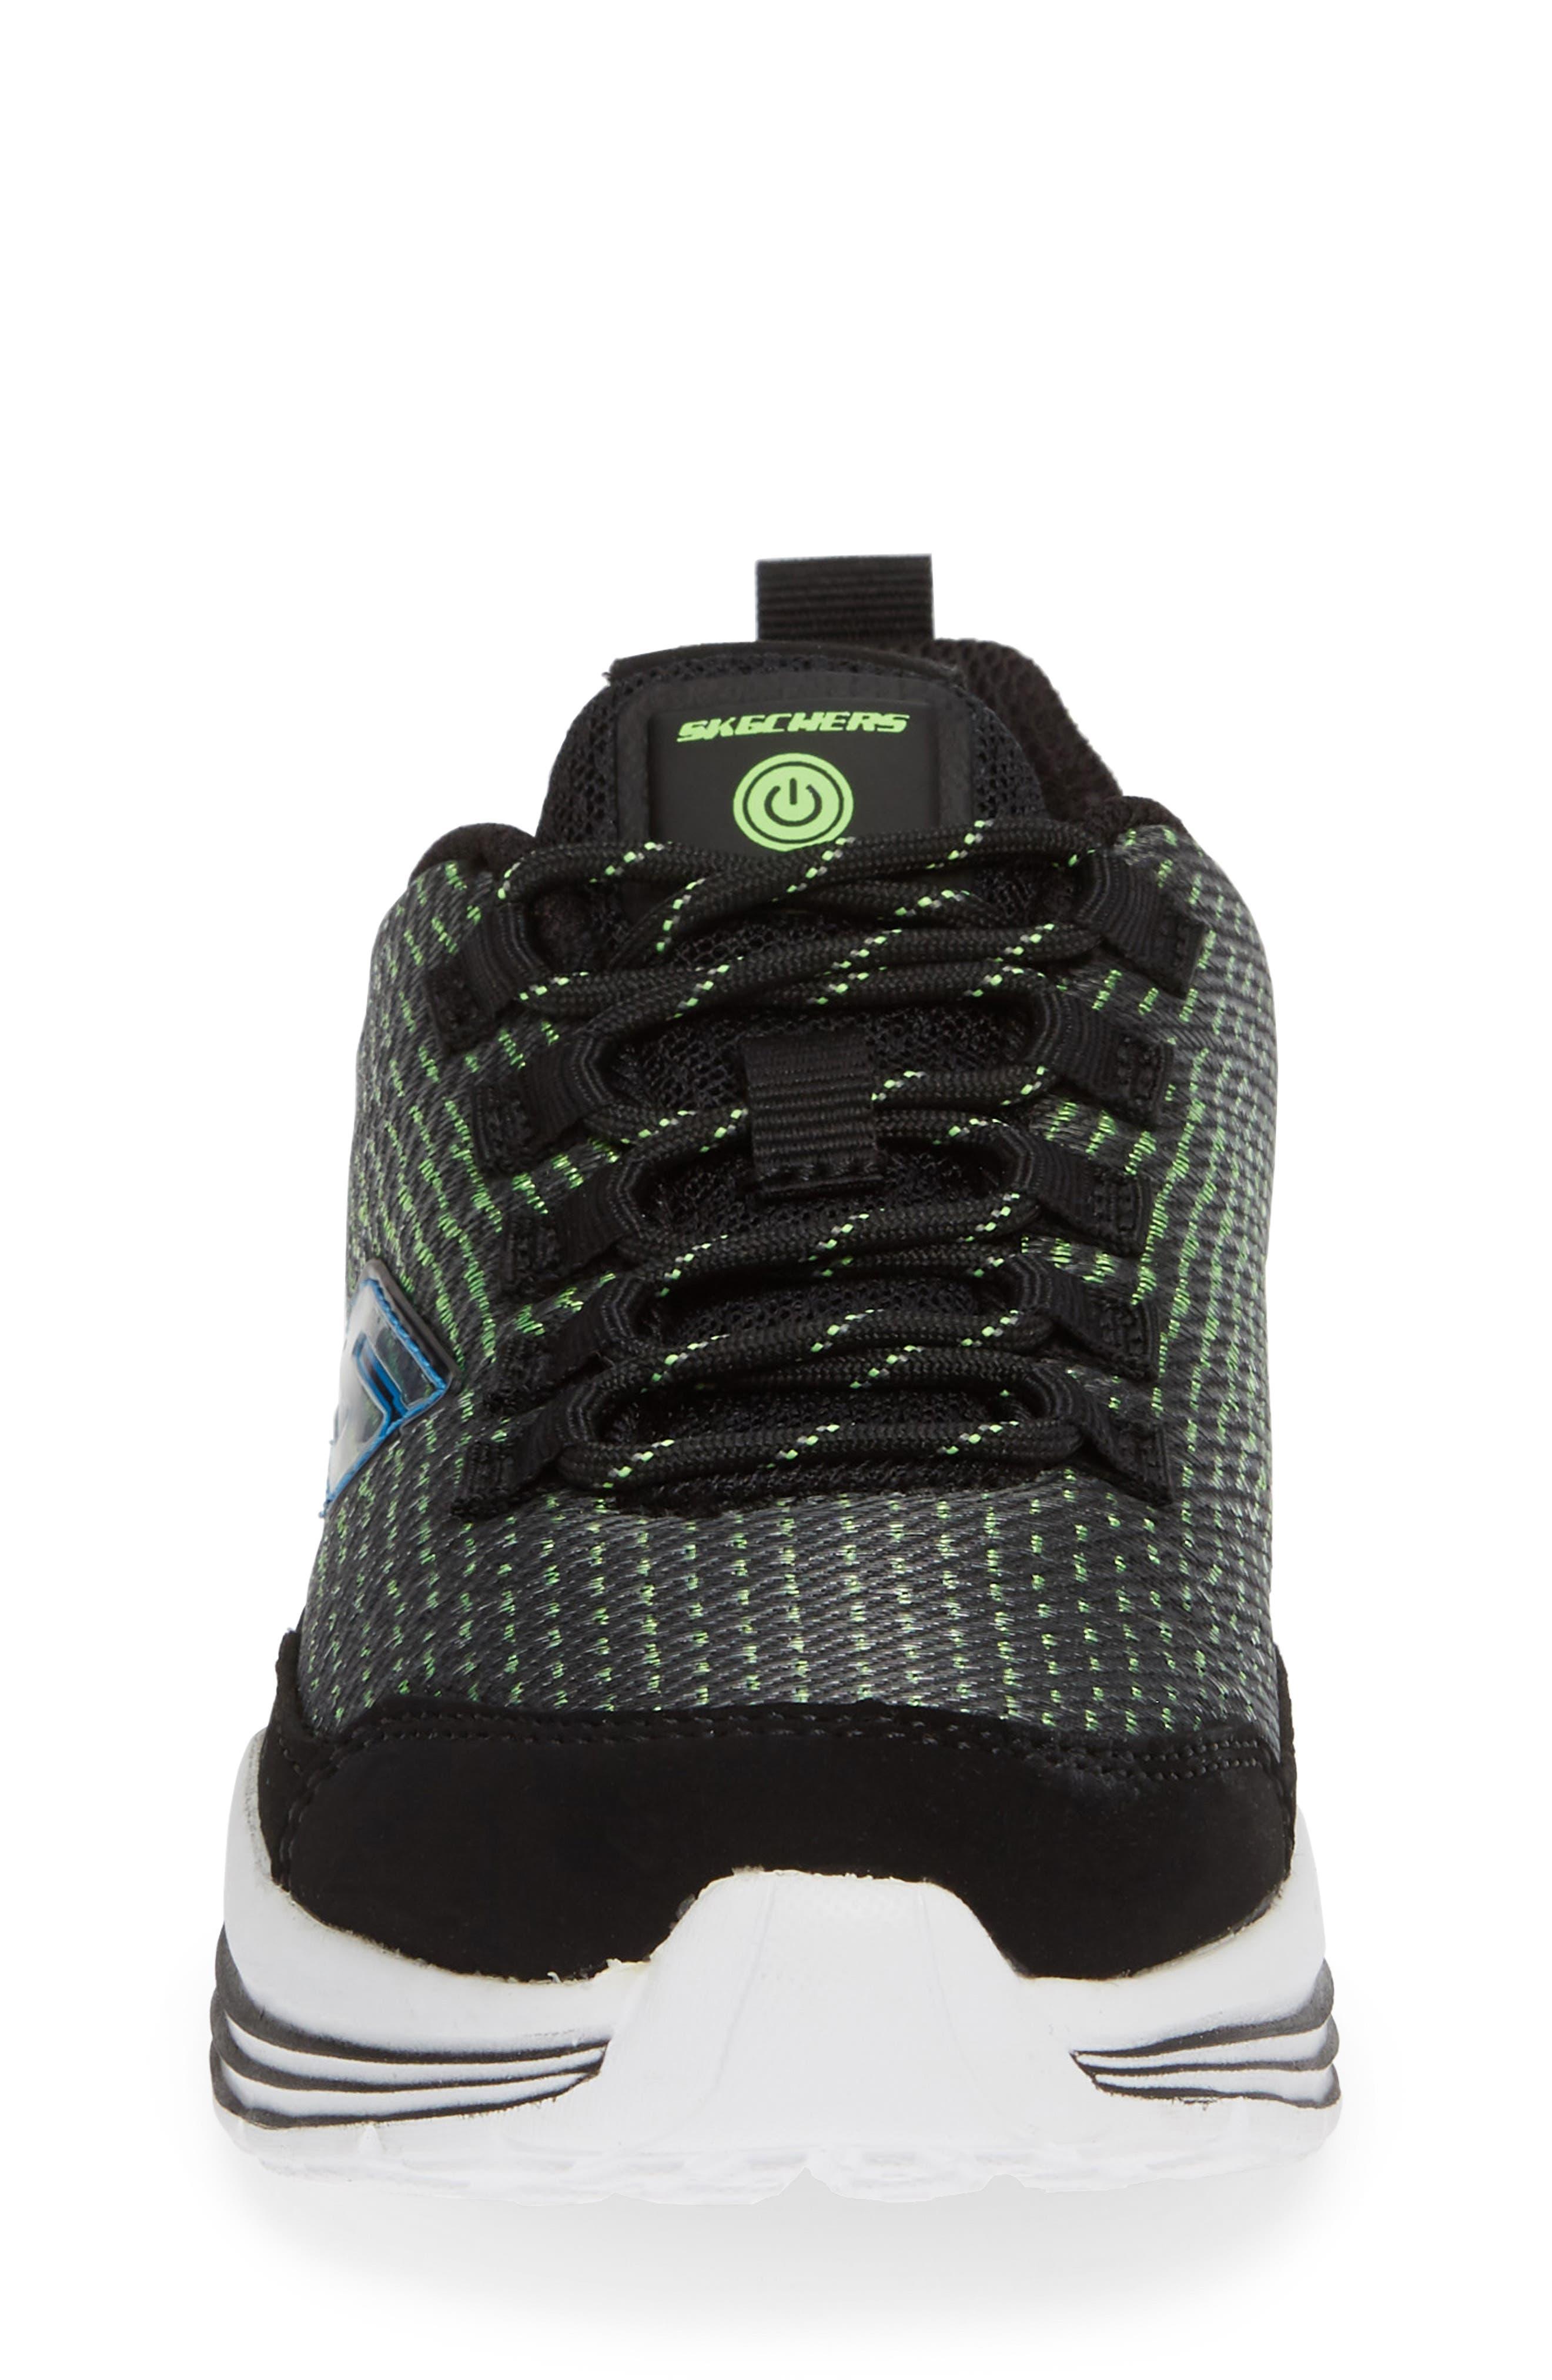 Luminators Sneaker,                             Alternate thumbnail 4, color,                             BLACK/ LIME